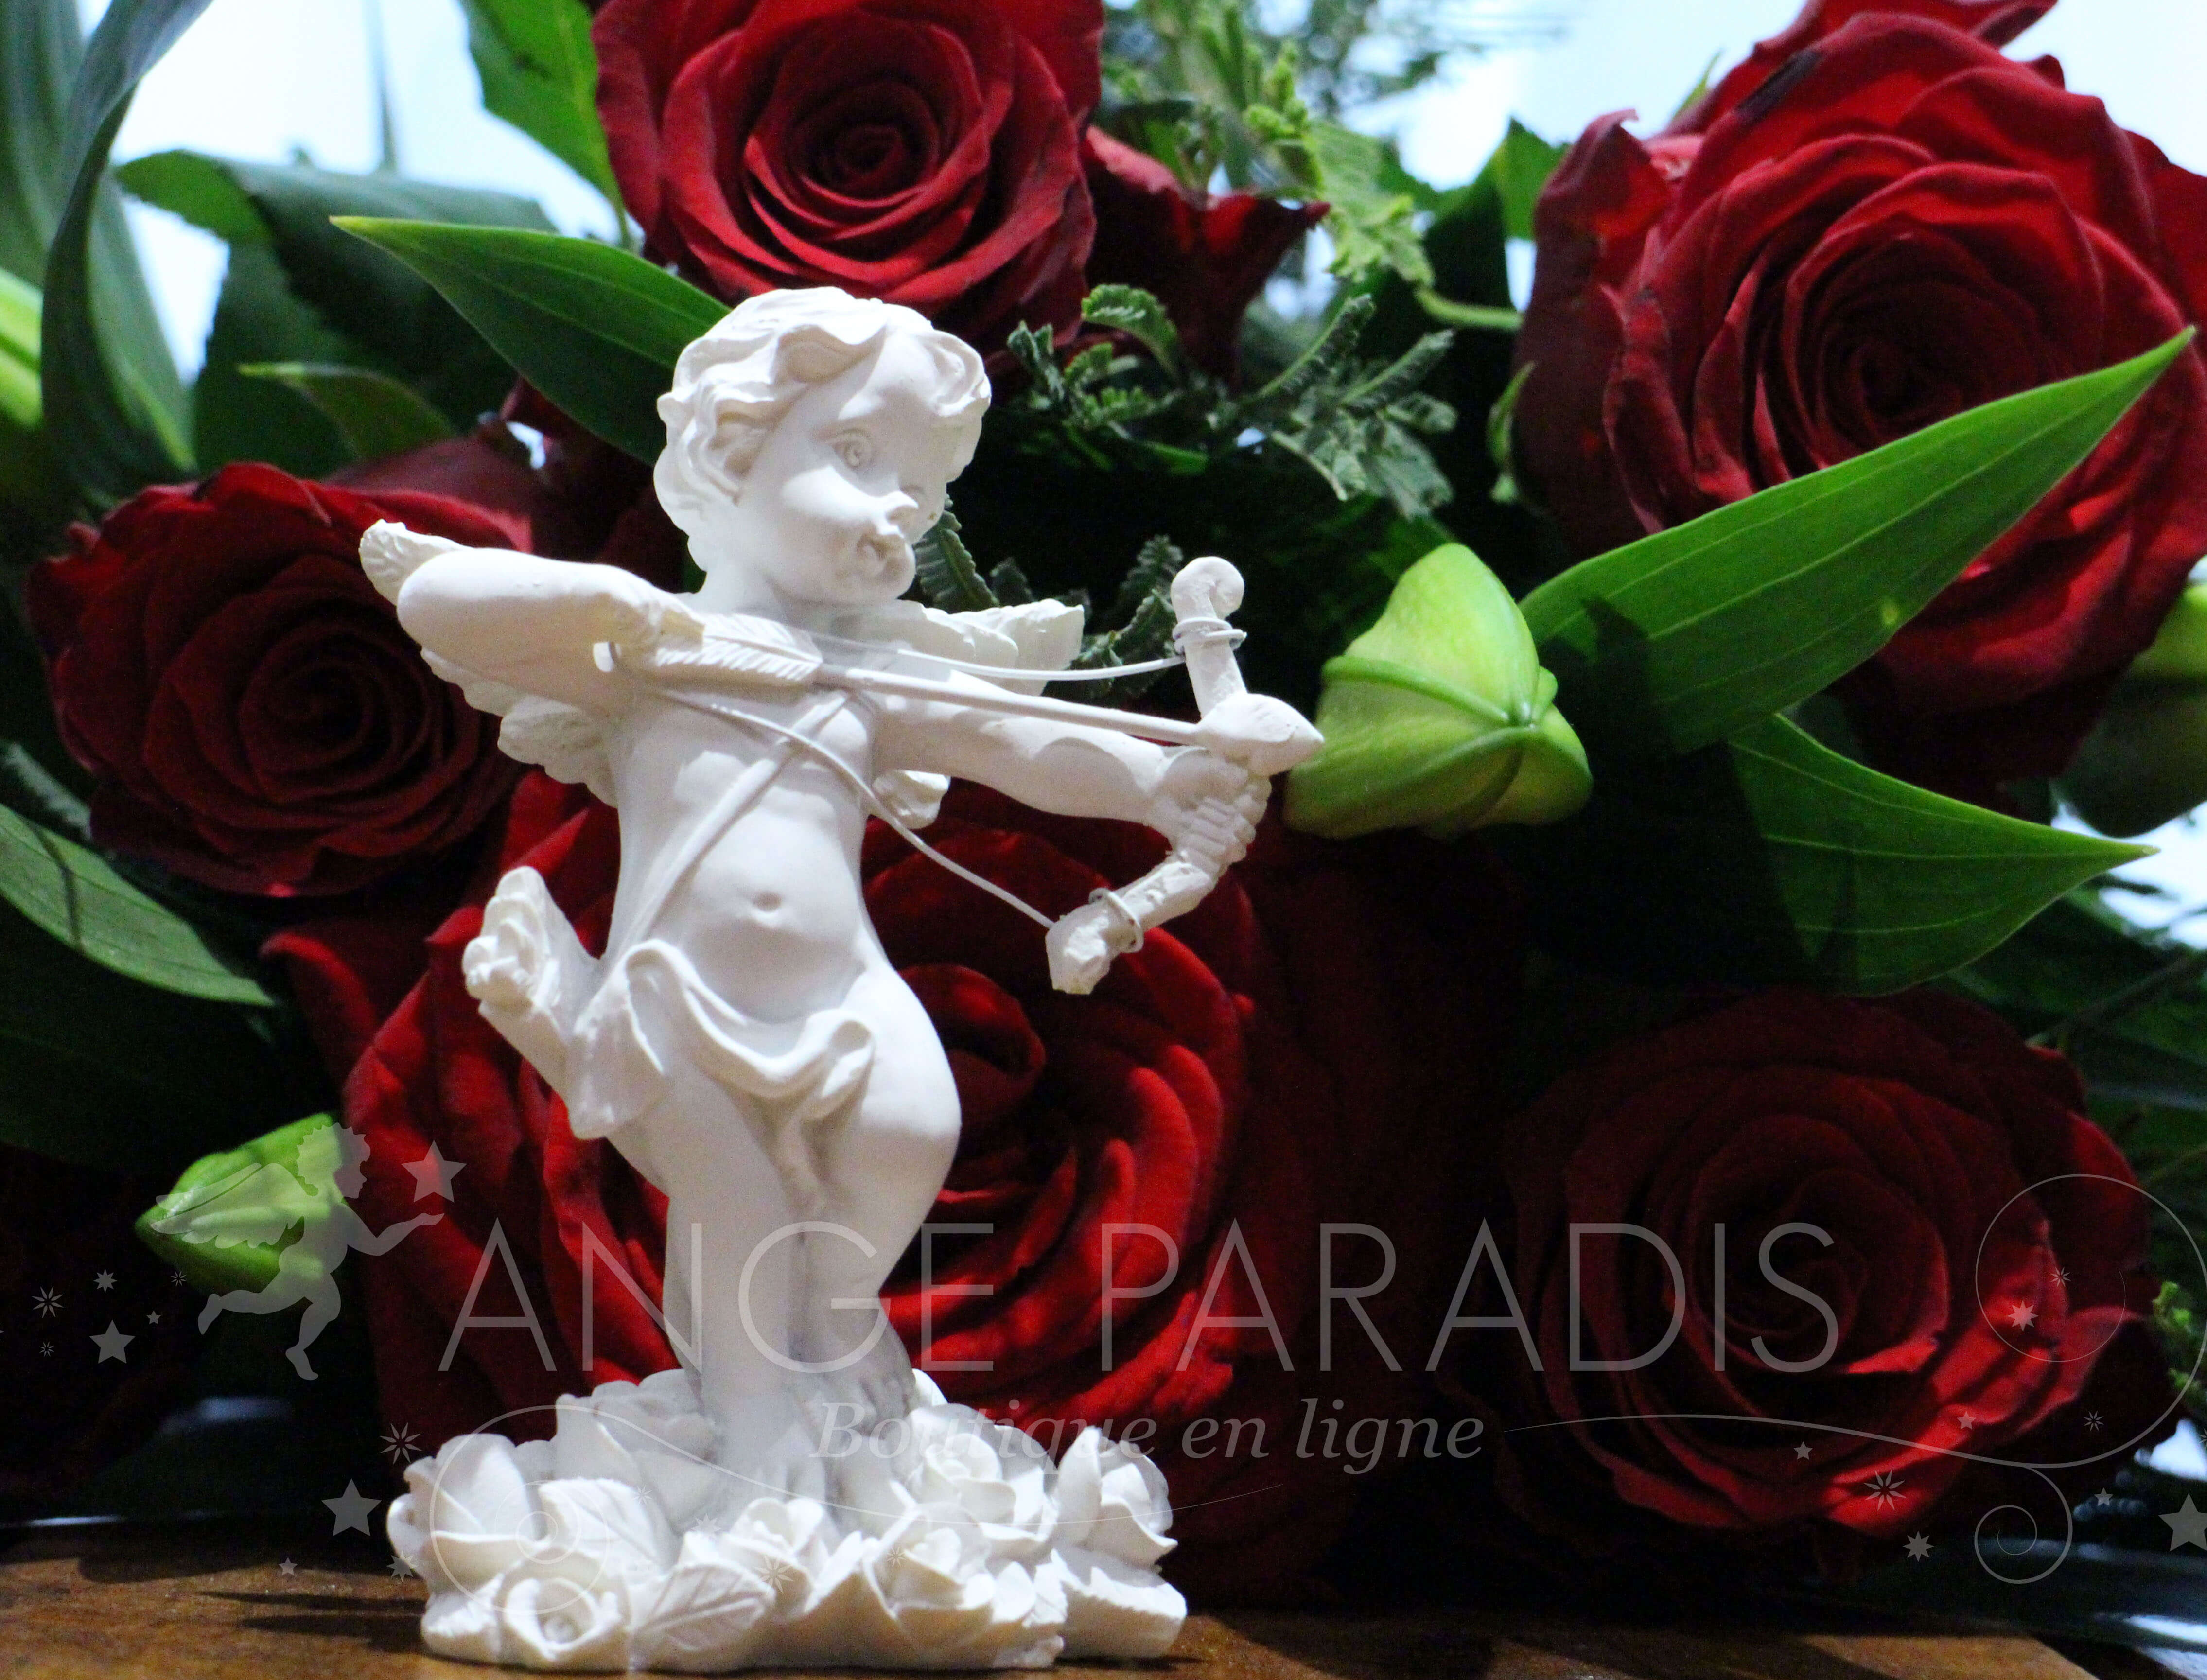 Cadeau anges pour la saint valentin d coration amour saint valentin ange paradis - Image de cupidon gratuite ...